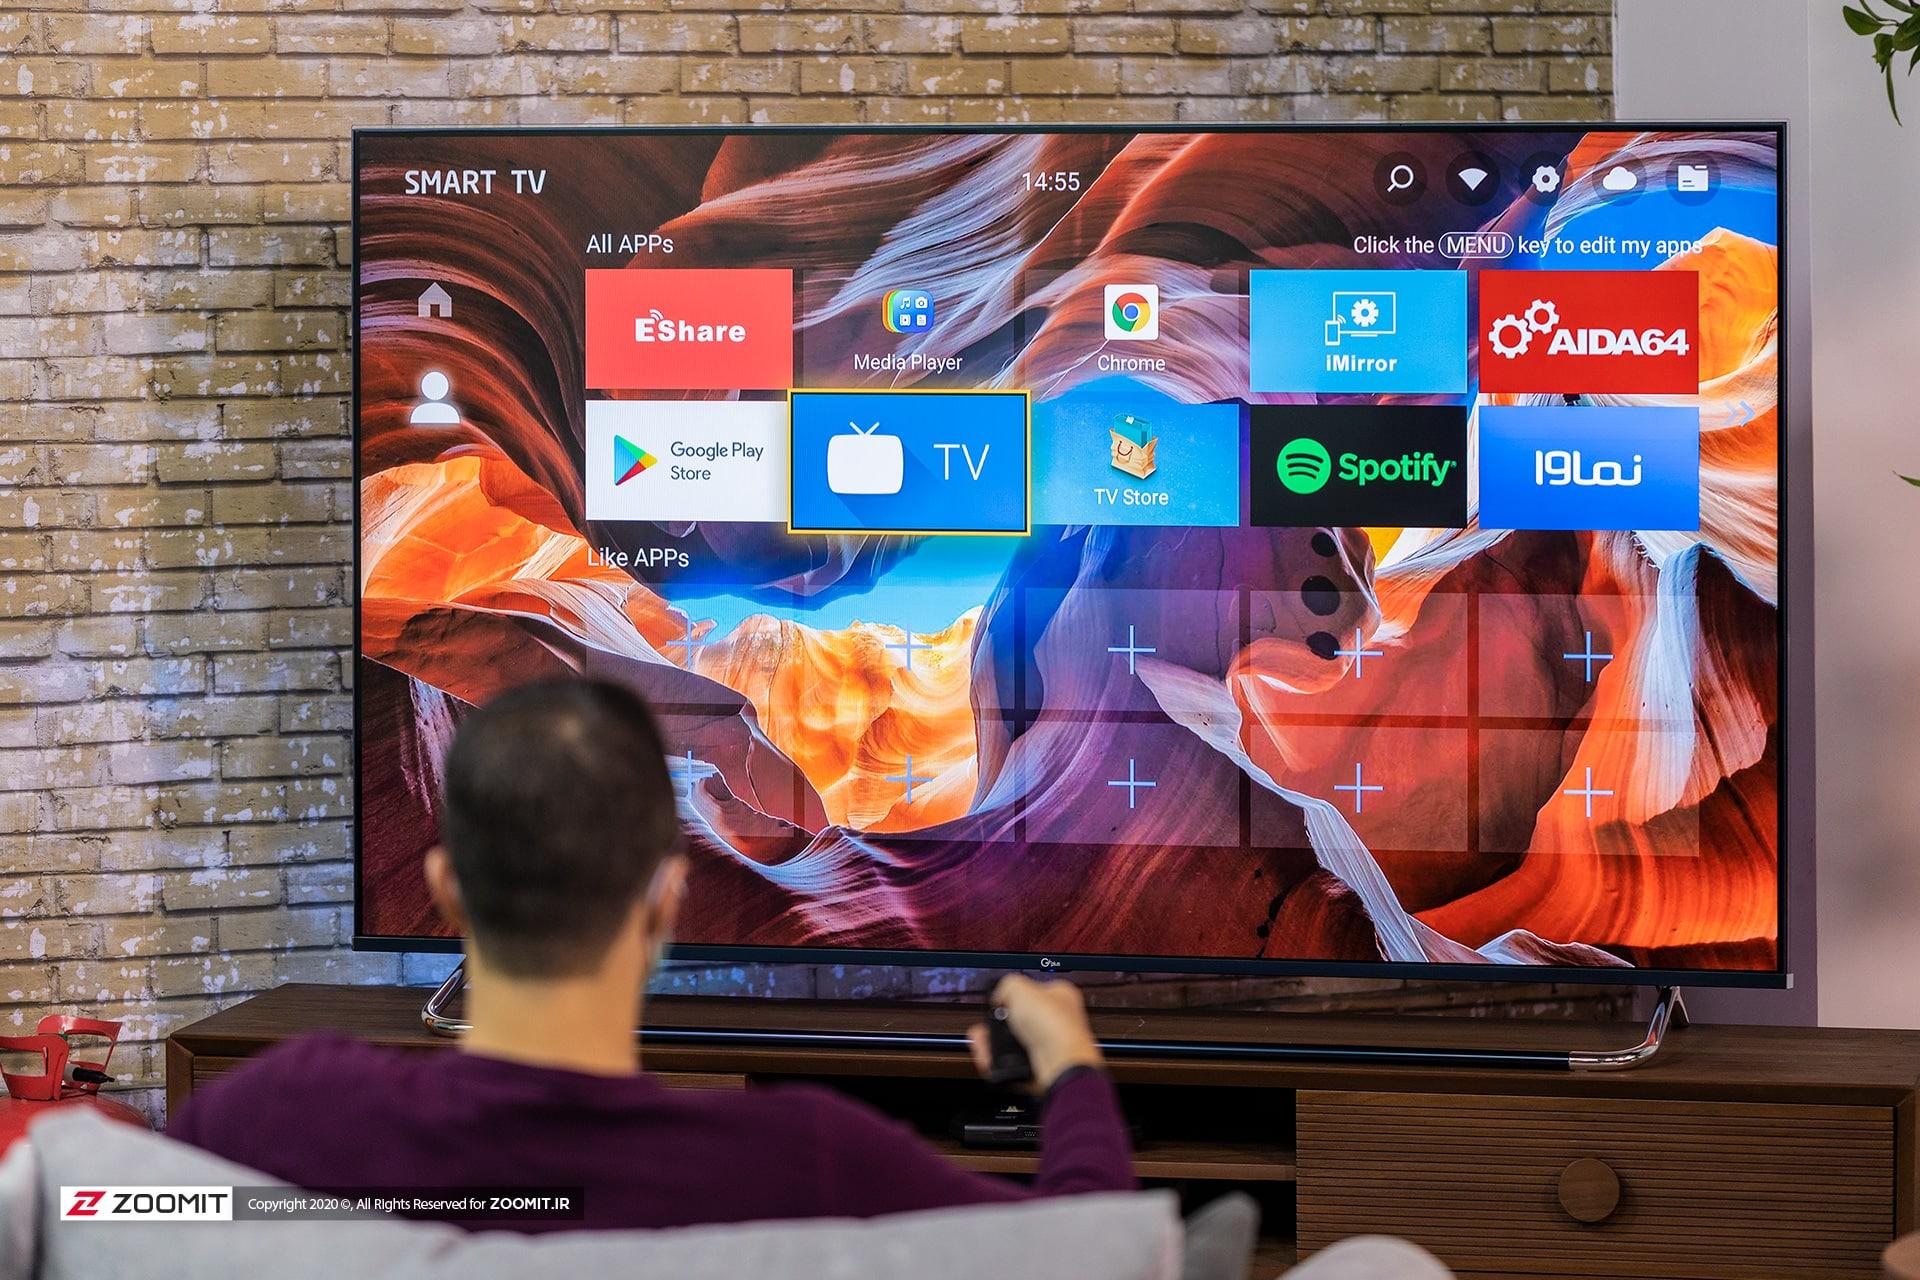 تلویزیون جی پلاس - فروشگاه اققساطی10کالا